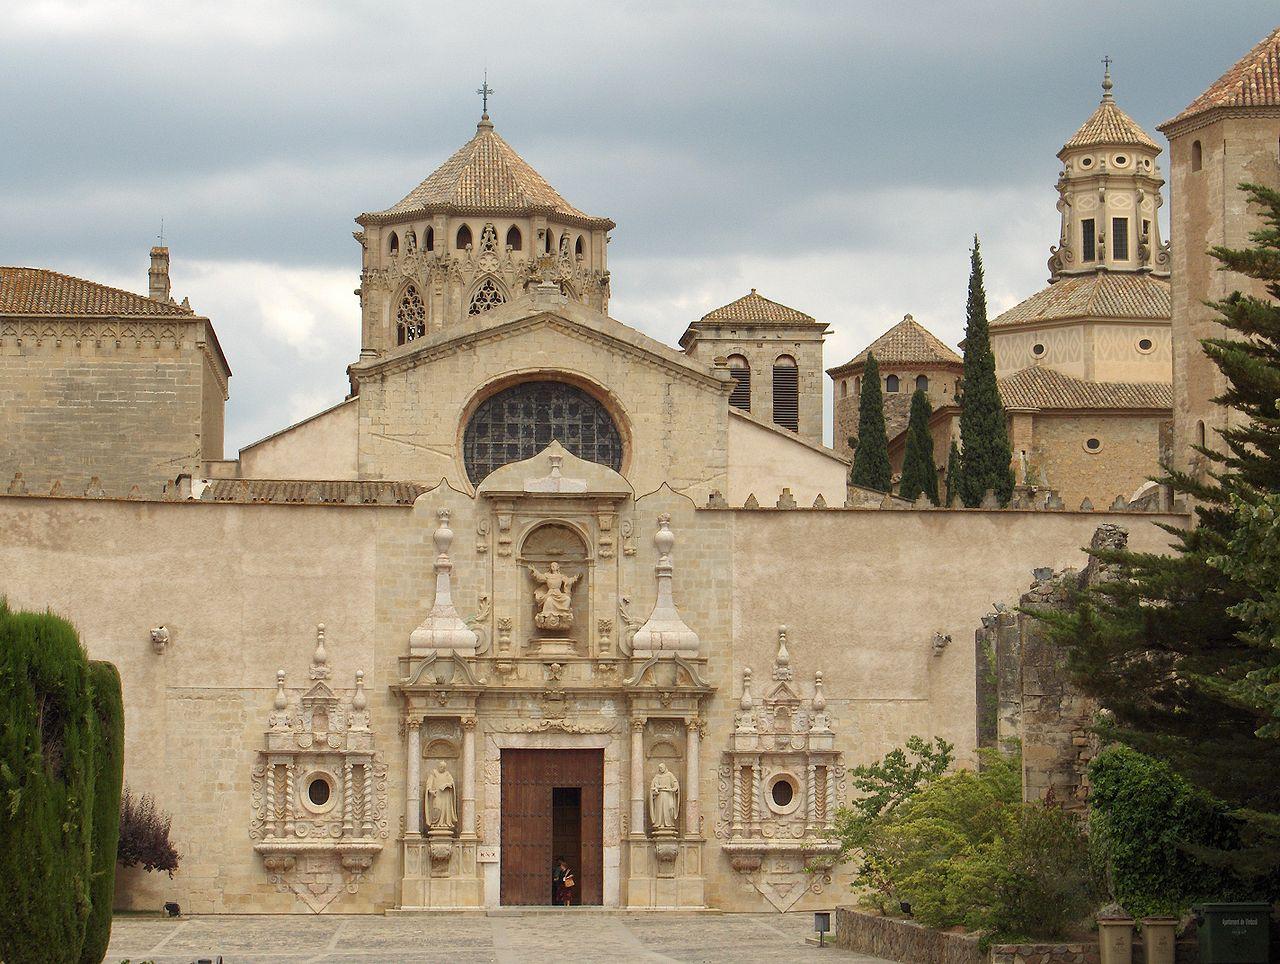 Manastirea Santa Maria de Poblet1111